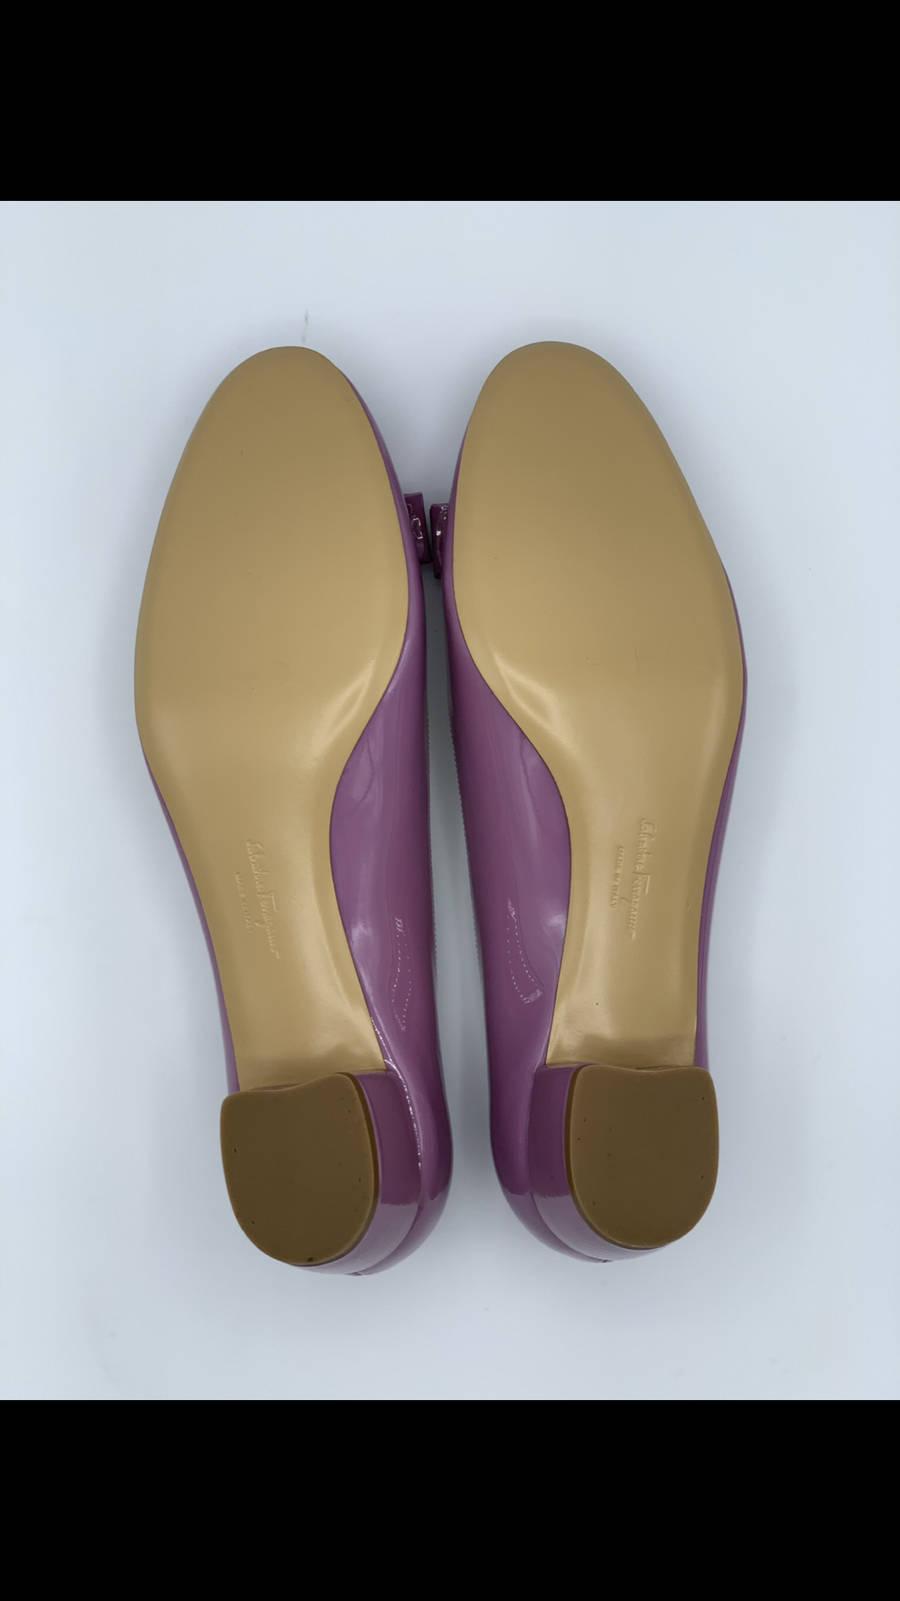 Salvatore-Ferragamo-Shoe-10-Pump-Patent-Leather-Bow-Lavender-New-Gold-Hardware_12611E.jpg